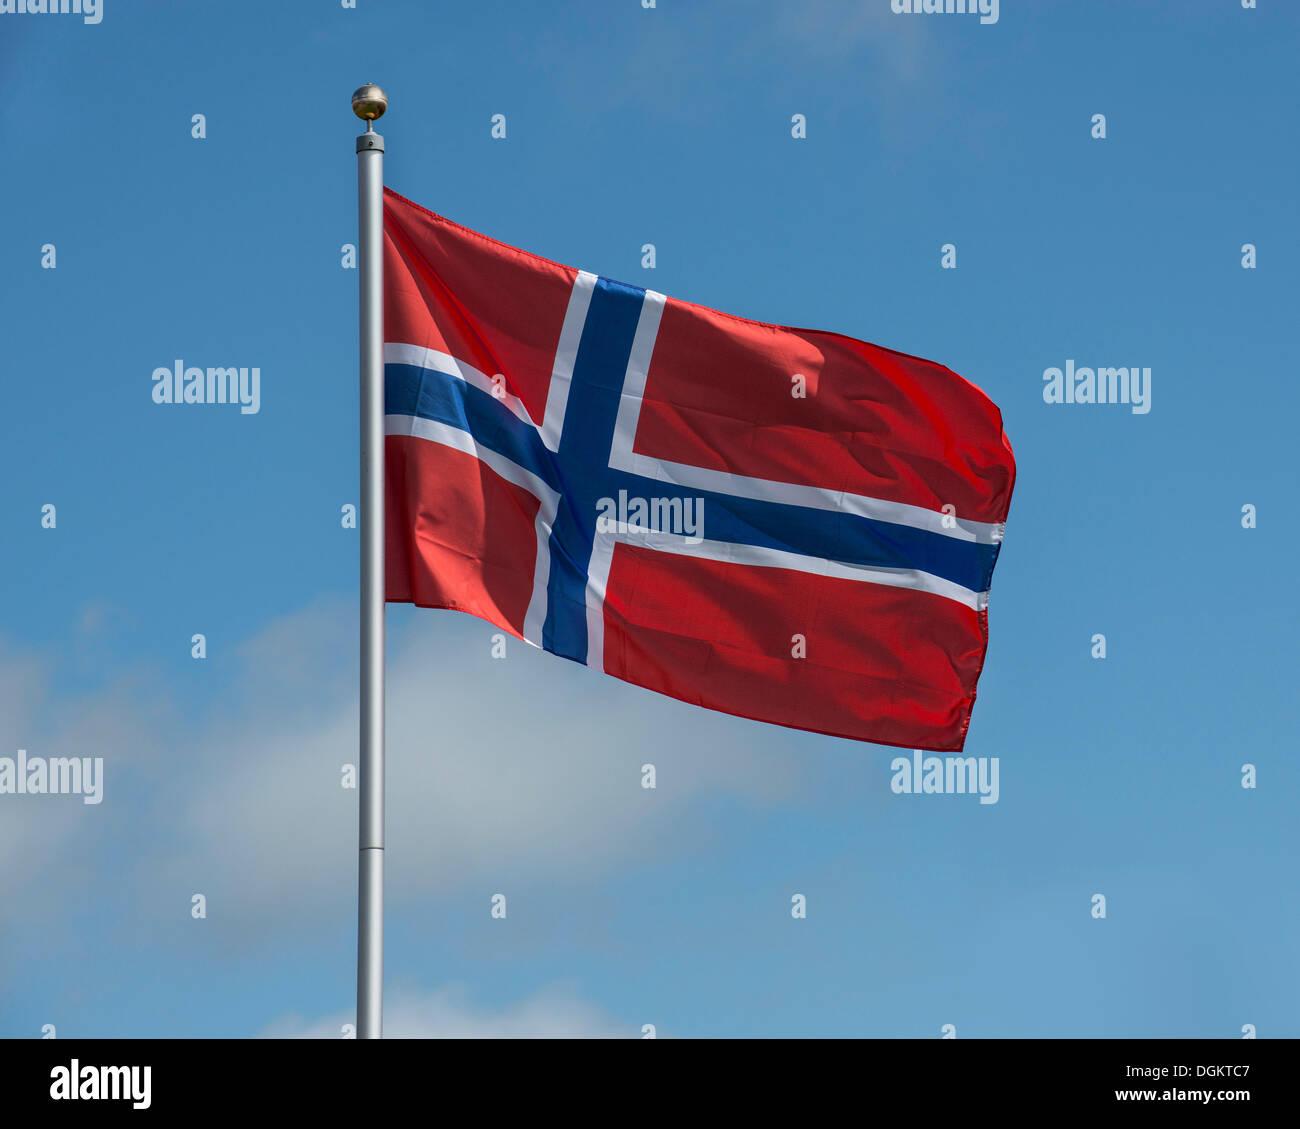 Norvegese bandiera nazionale Immagini Stock